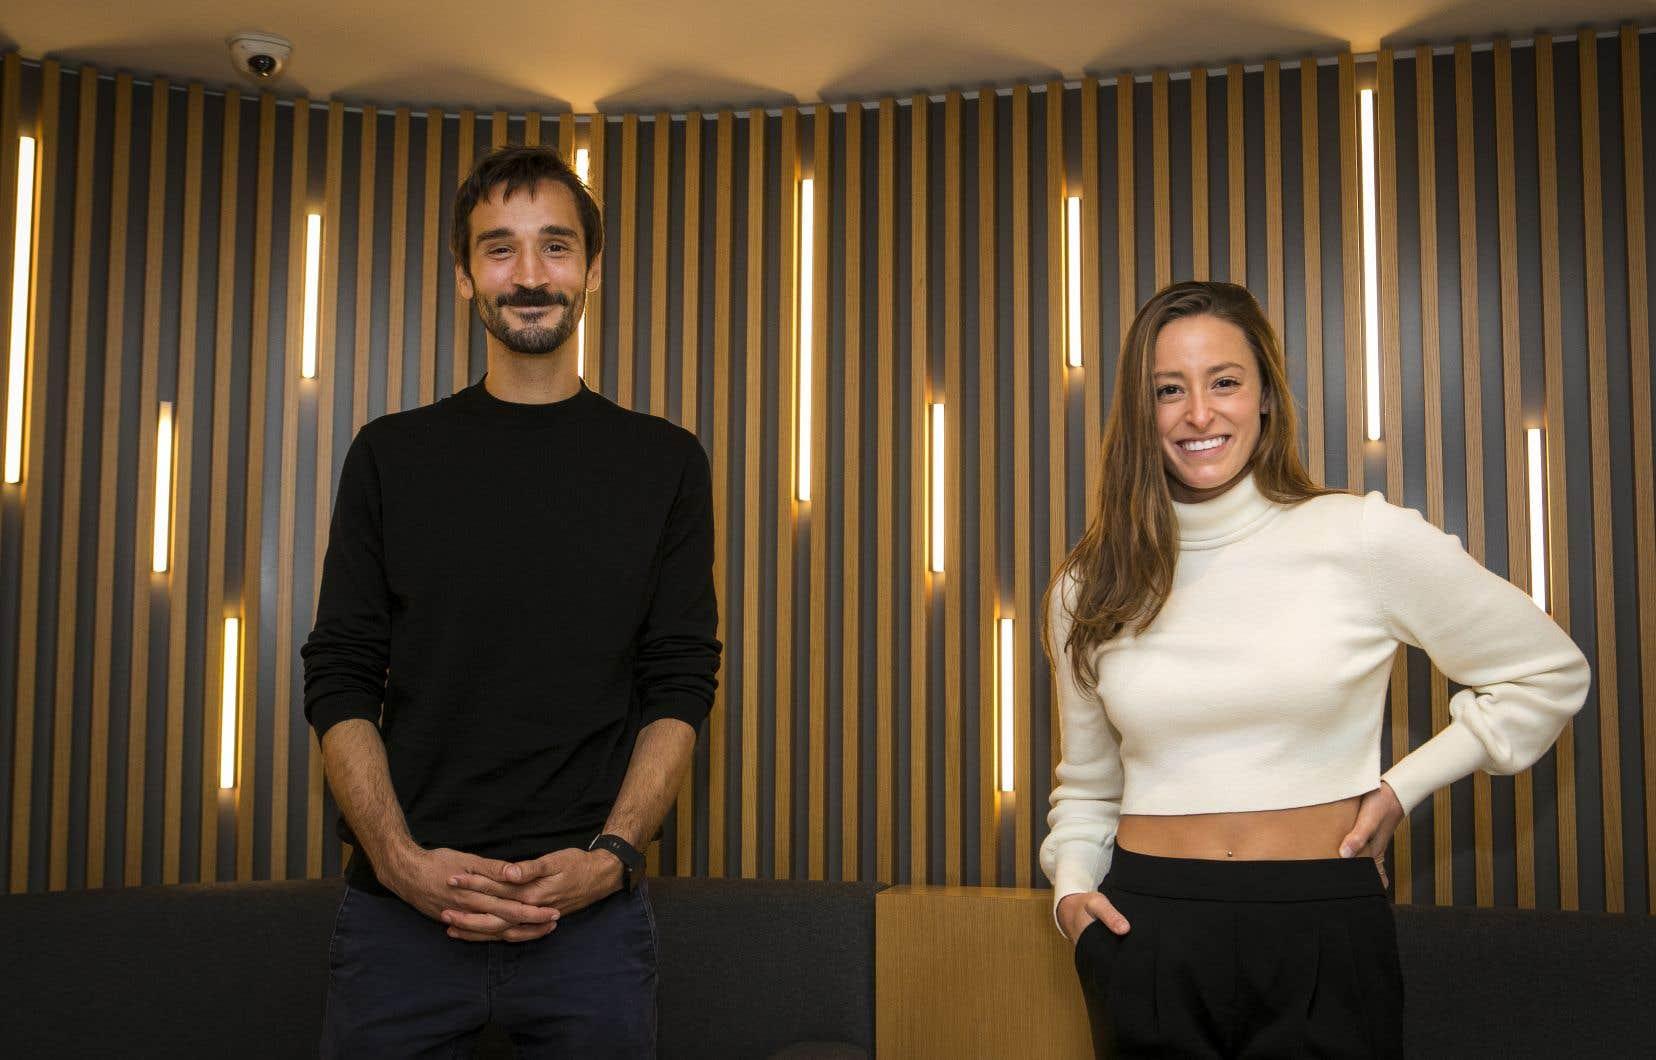 Le cinéaste Pascal Plante et l'actrice-nageuse Katerine Savard présentent l'histoire d'une athlète qui décide de faire une croix sur sa carrière.